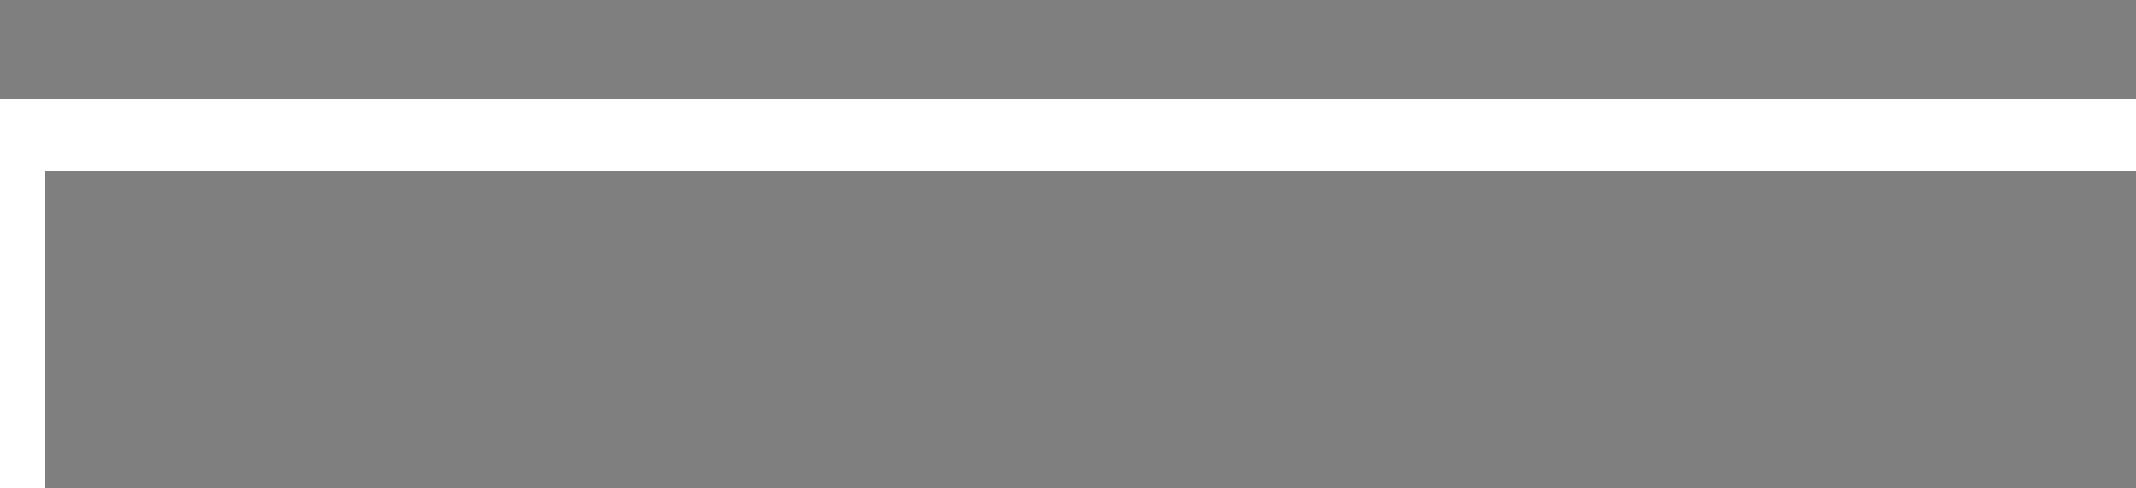 Univerzita J. E. Purkyně v Ústí nad Labem